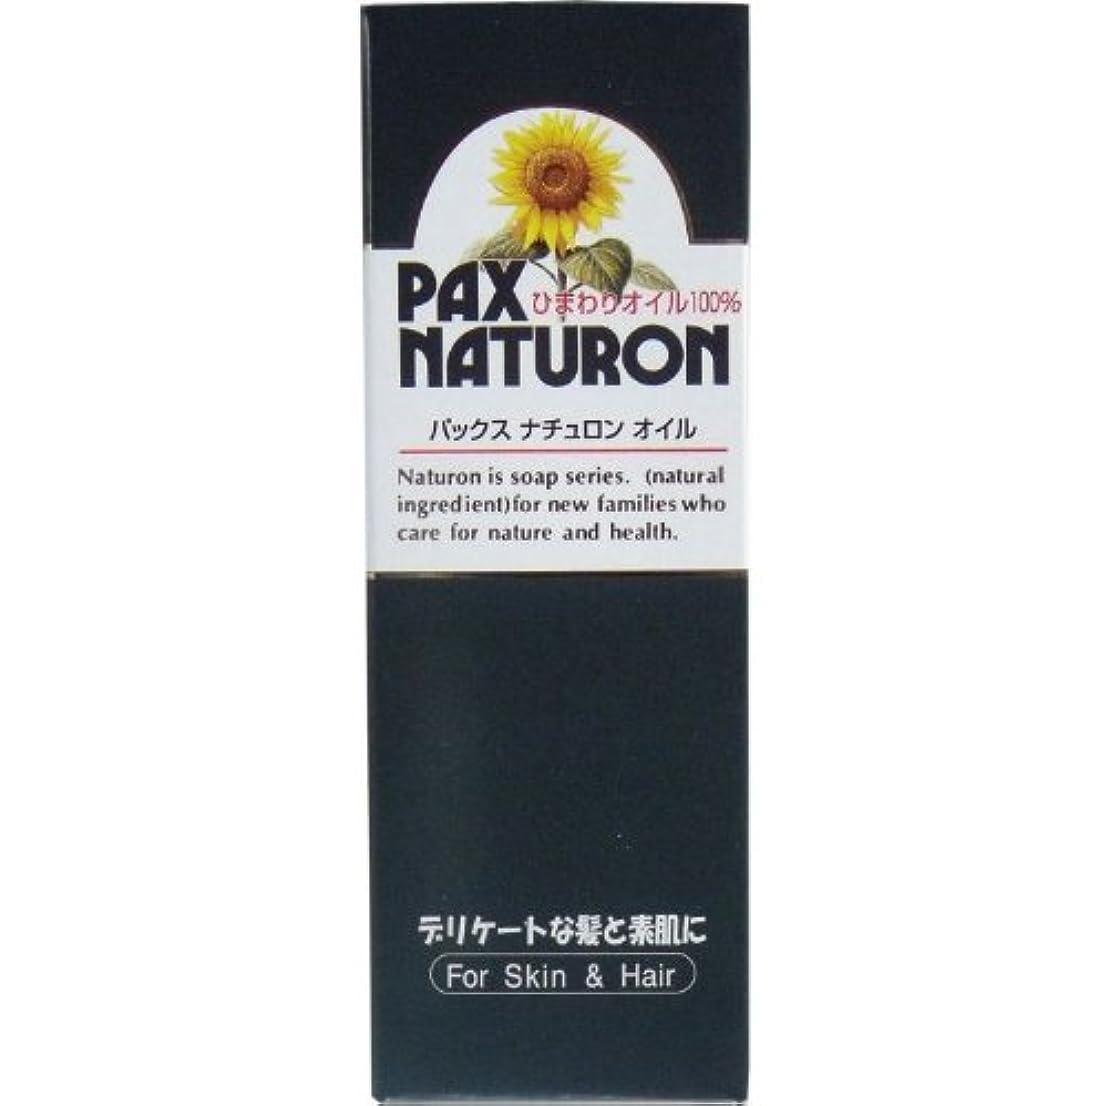 ぴかぴか前文添付デリケートな髪と素肌に!ひまわりの種子から採った ハイオレイックひまわり油 60mL【2個セット】